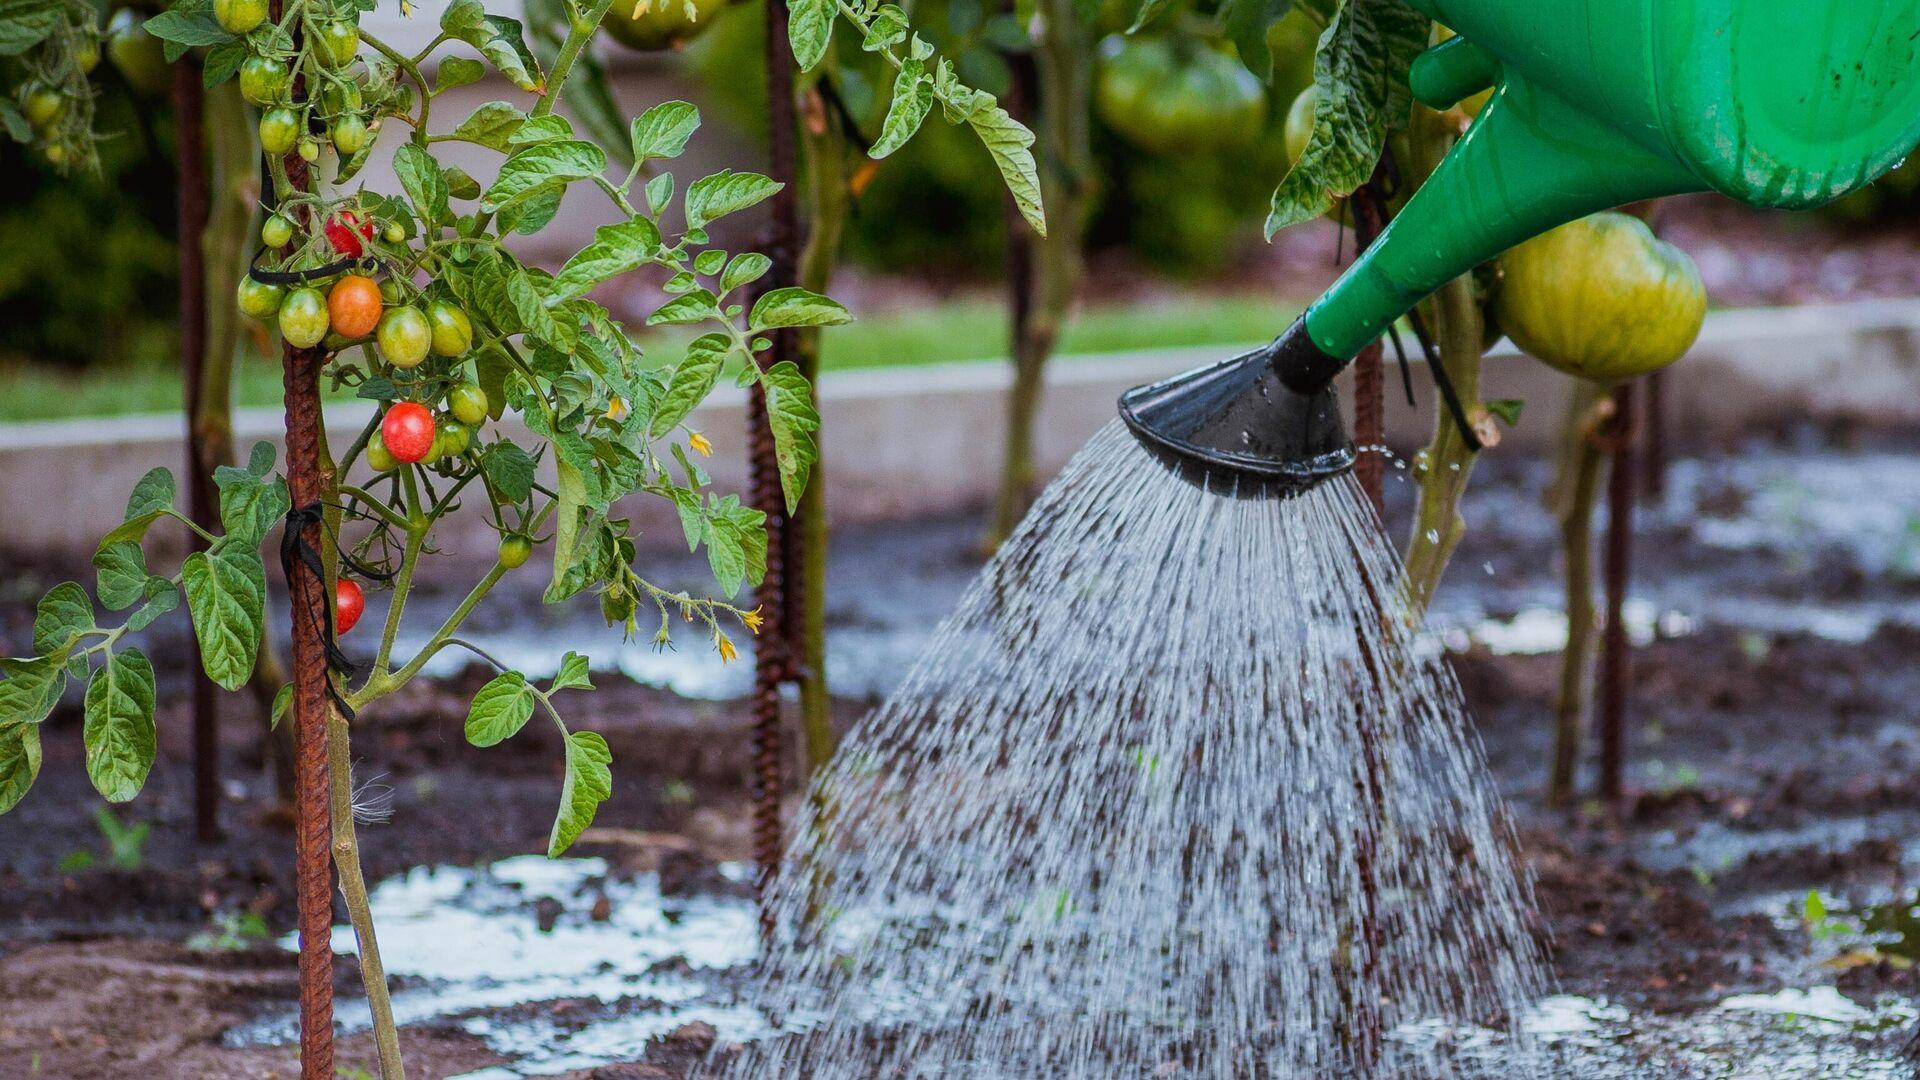 Иванов призвал переходить на новые технологии в сельском хозяйстве